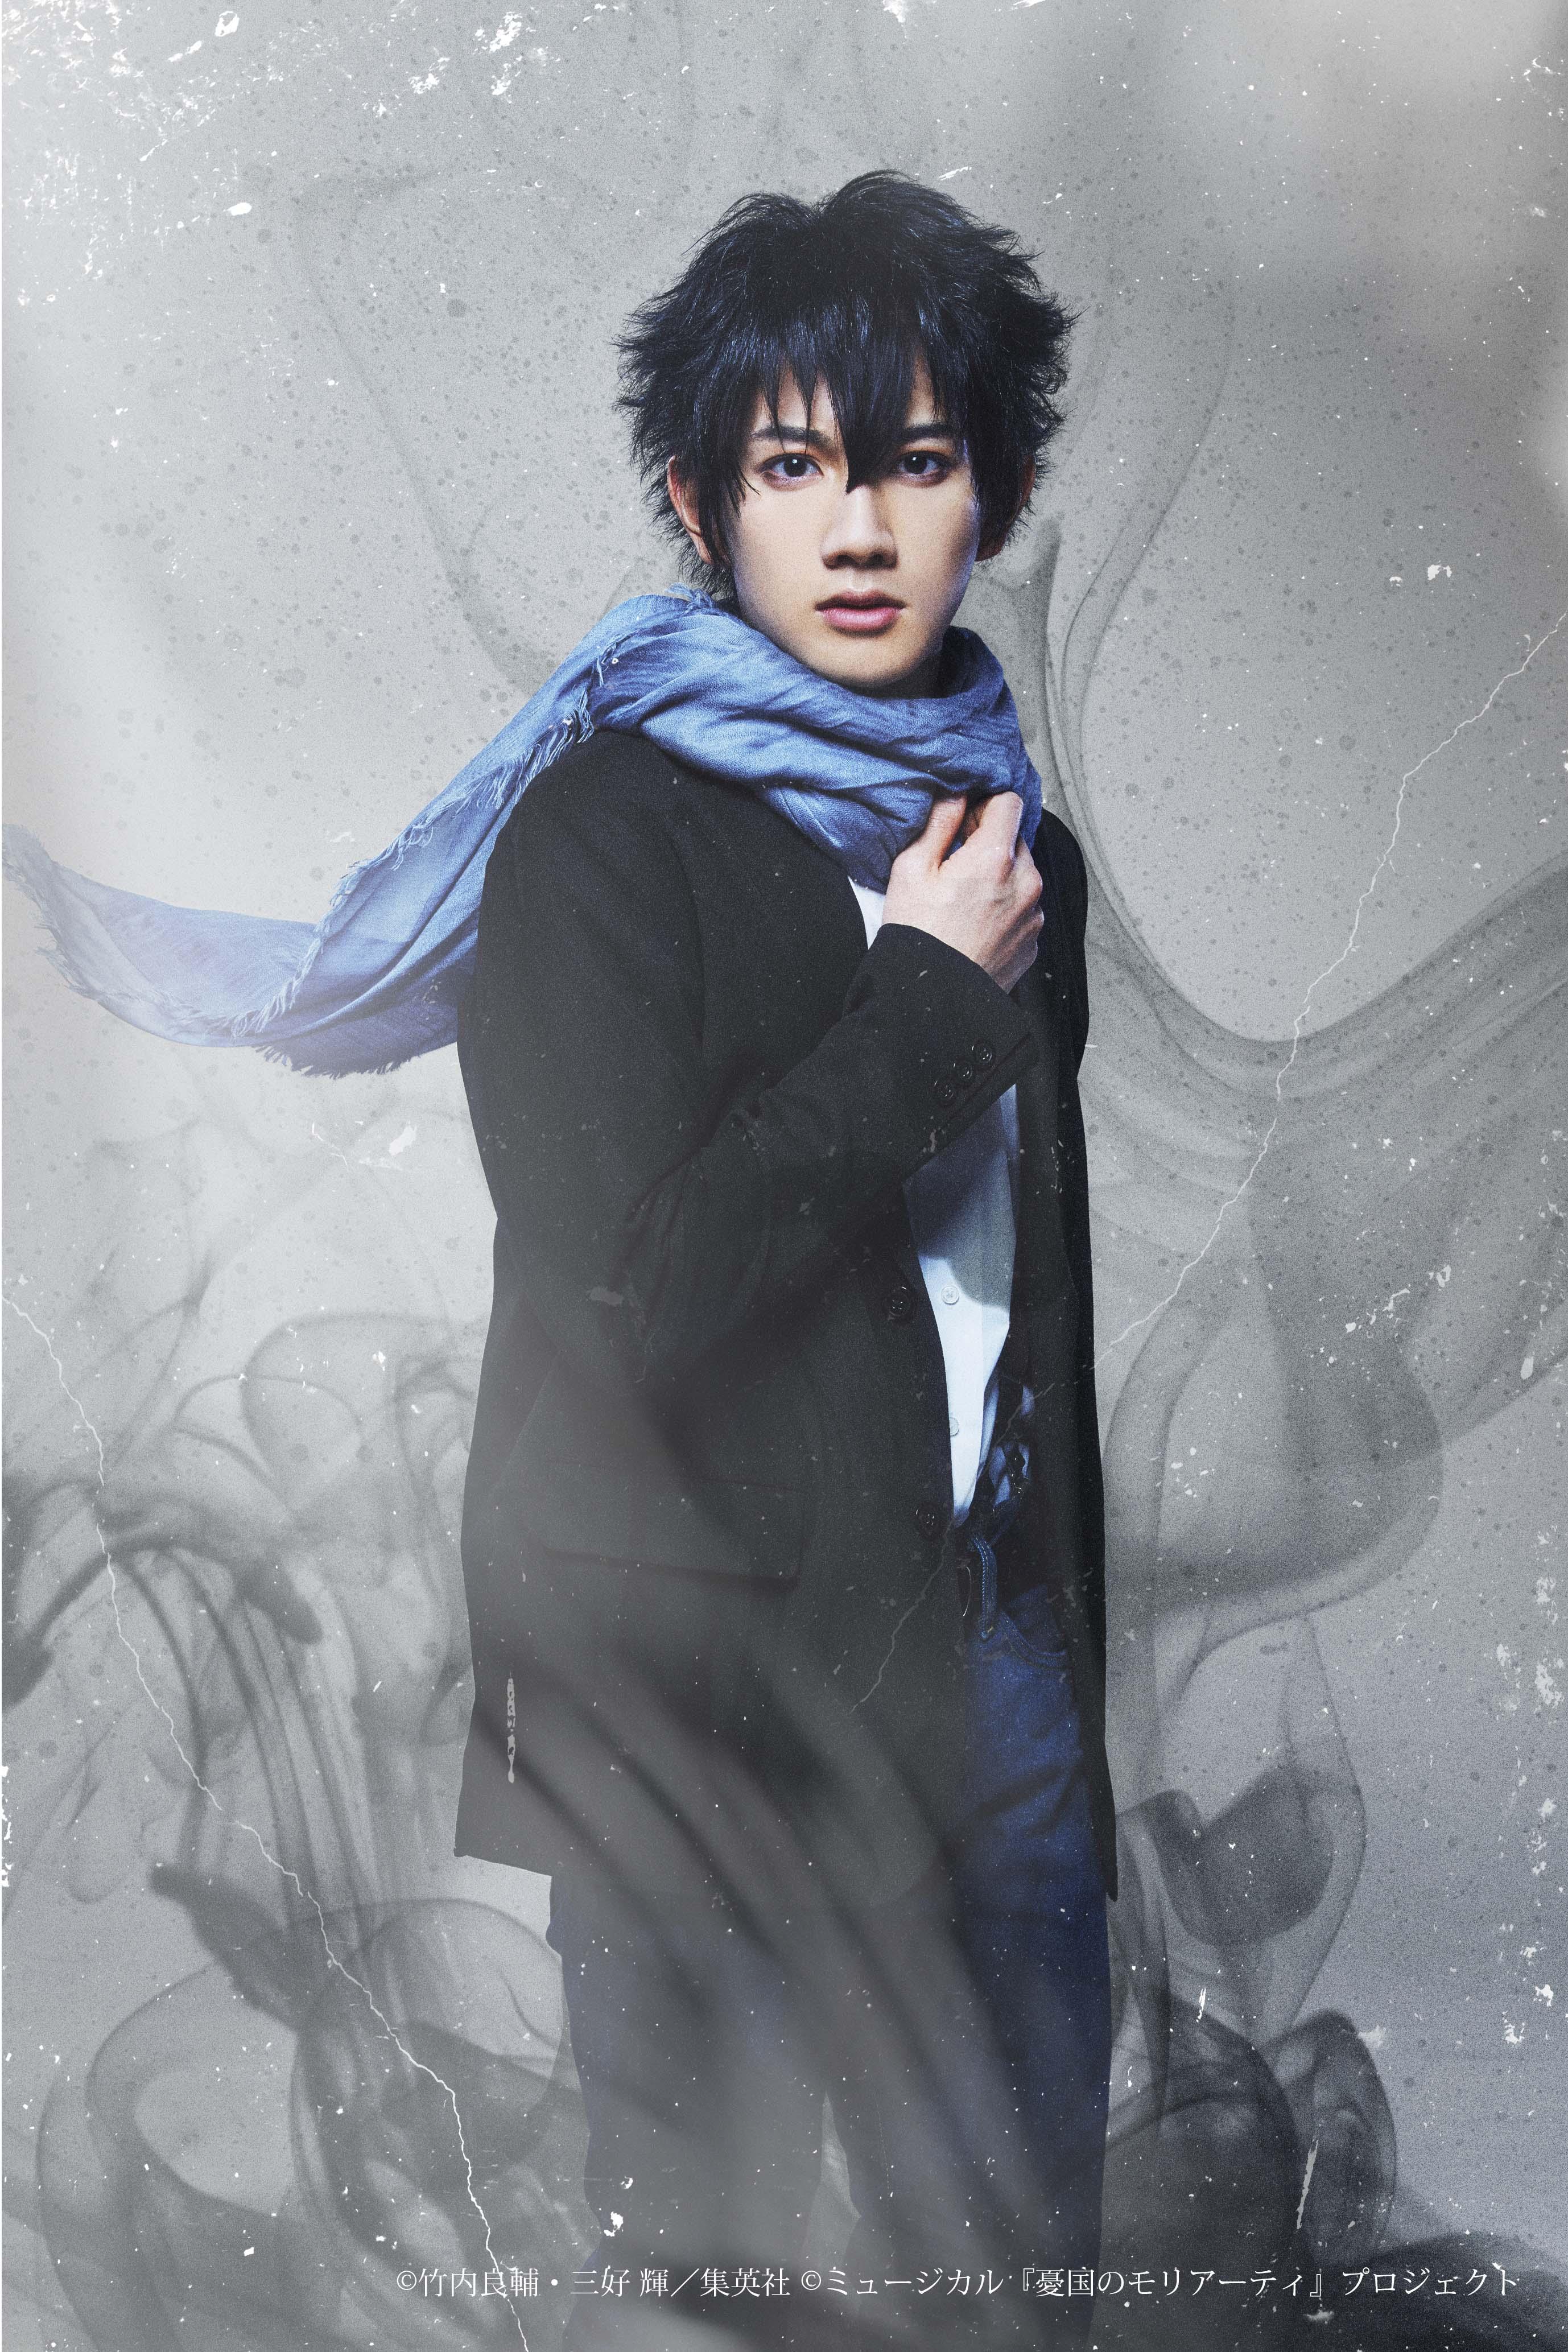 モリミュのキャラビジュアルが公開 七木奏音、髙木俊、山﨑雅志も追加キャストとして出演 イメージ画像